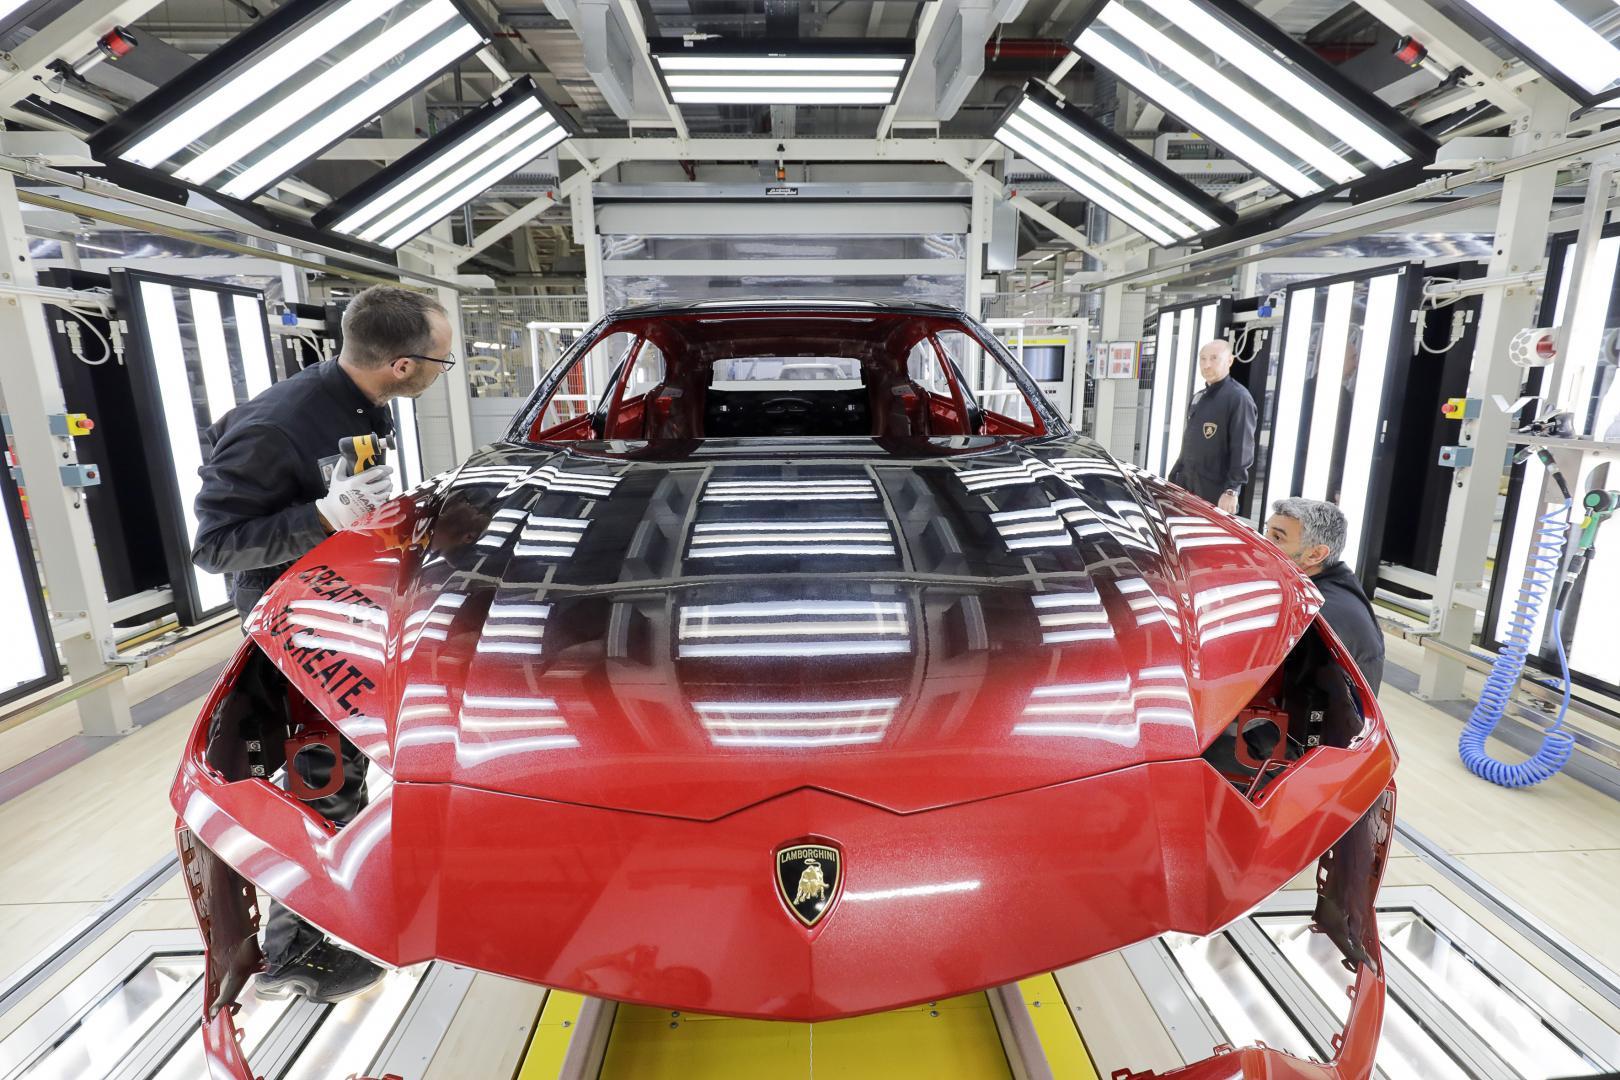 Lamborghini Urus verfLamborghini Urus verf fabriek spuitcabine